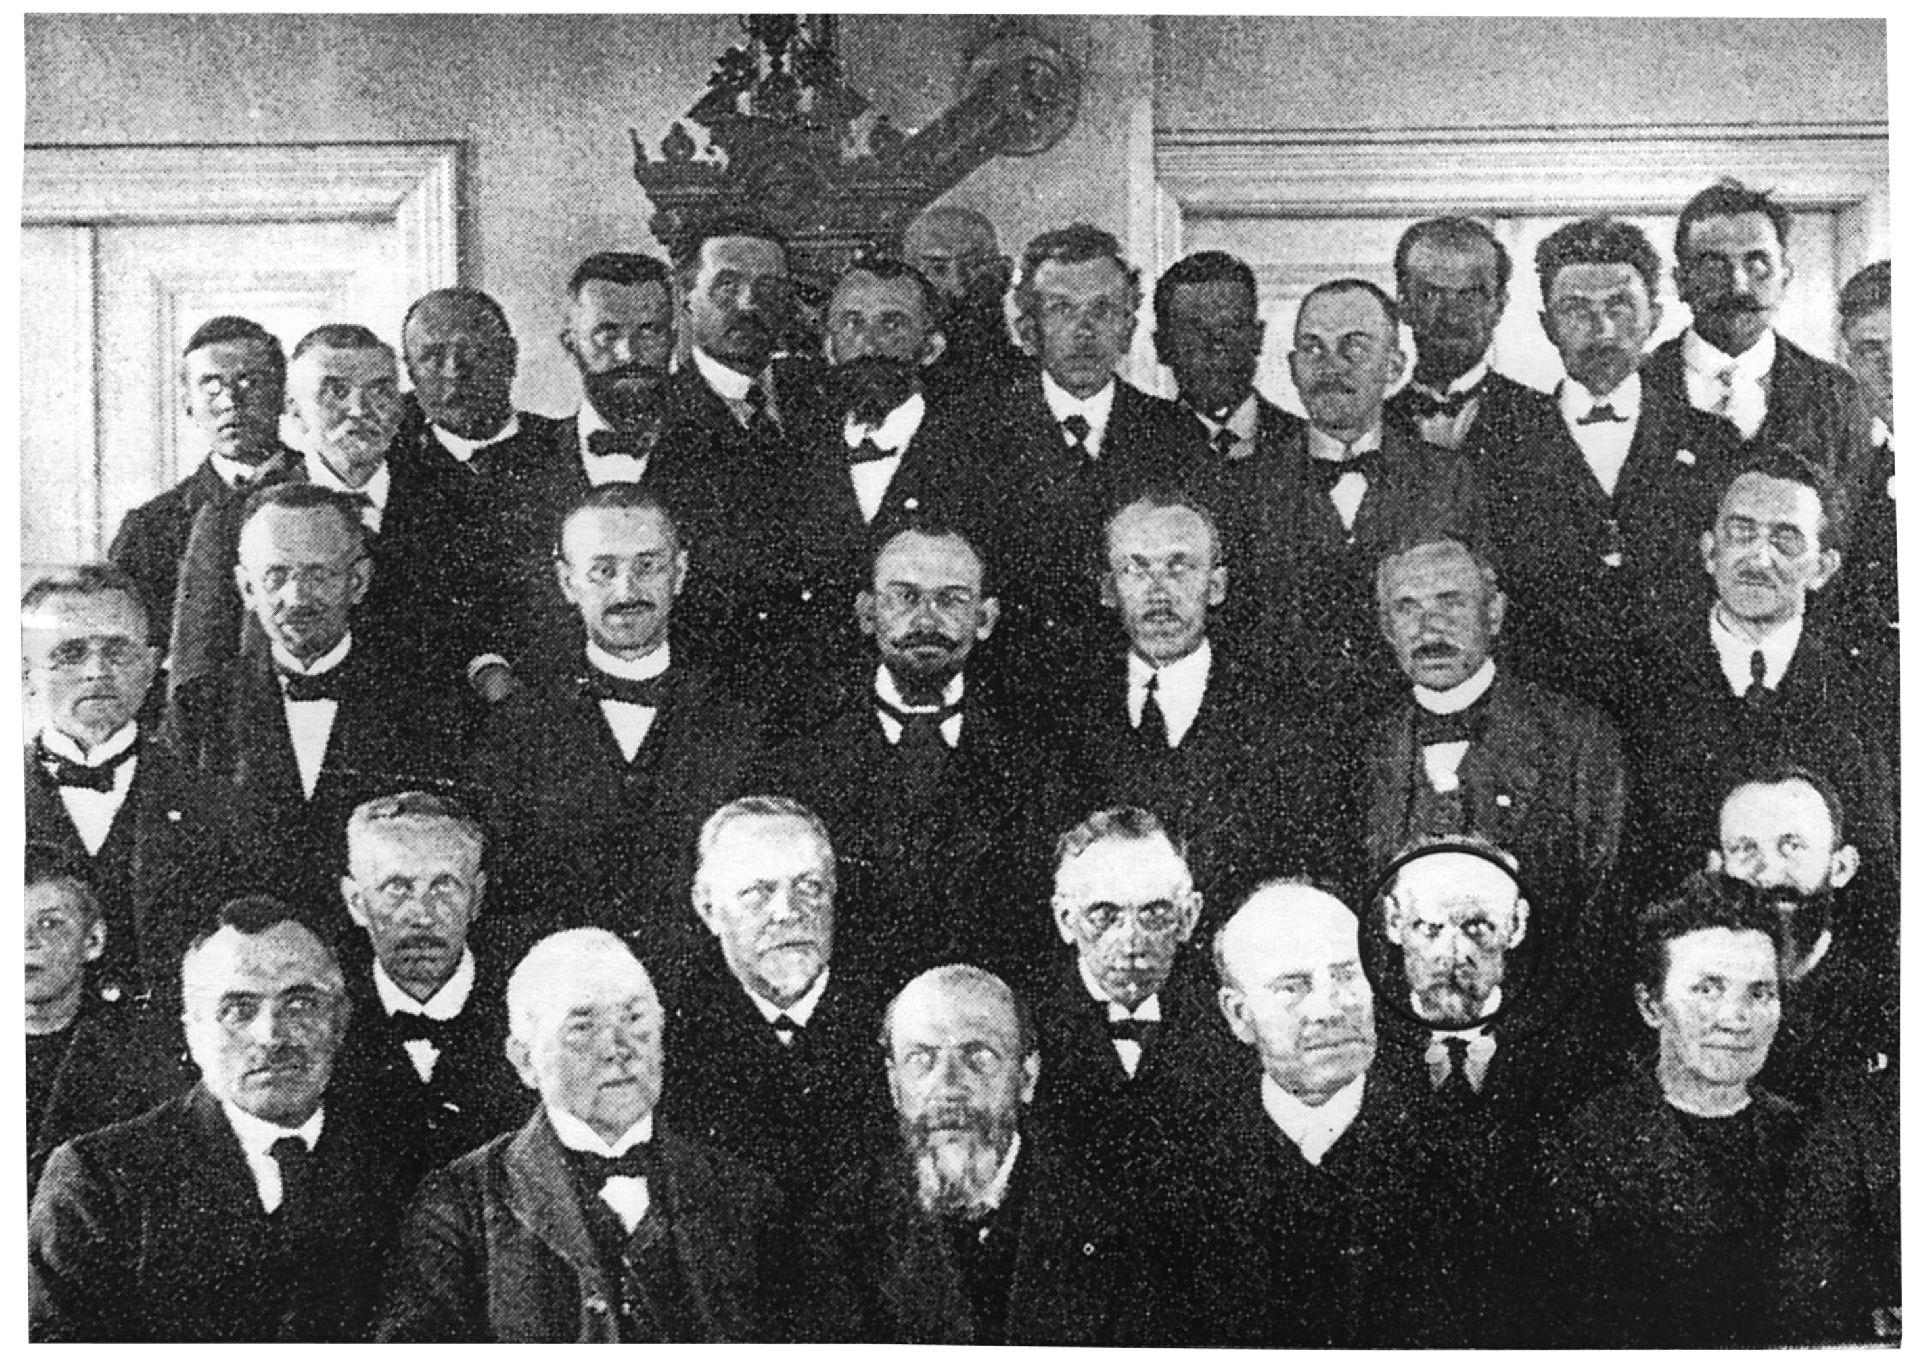 Pridigarska konferenca v Českih Skalicah, 1920